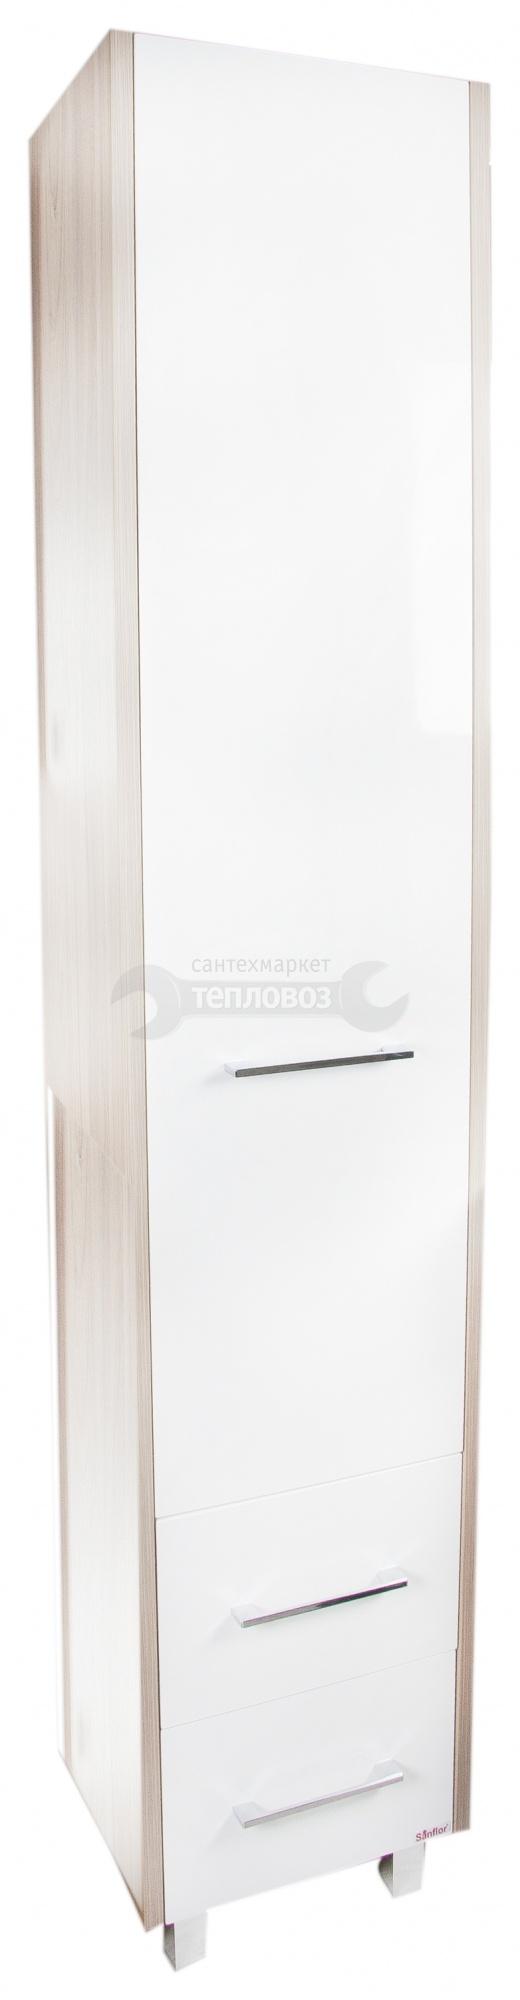 Купить Sanflor Ларго R 40 см, вяз/белый в интернет-магазине Дождь